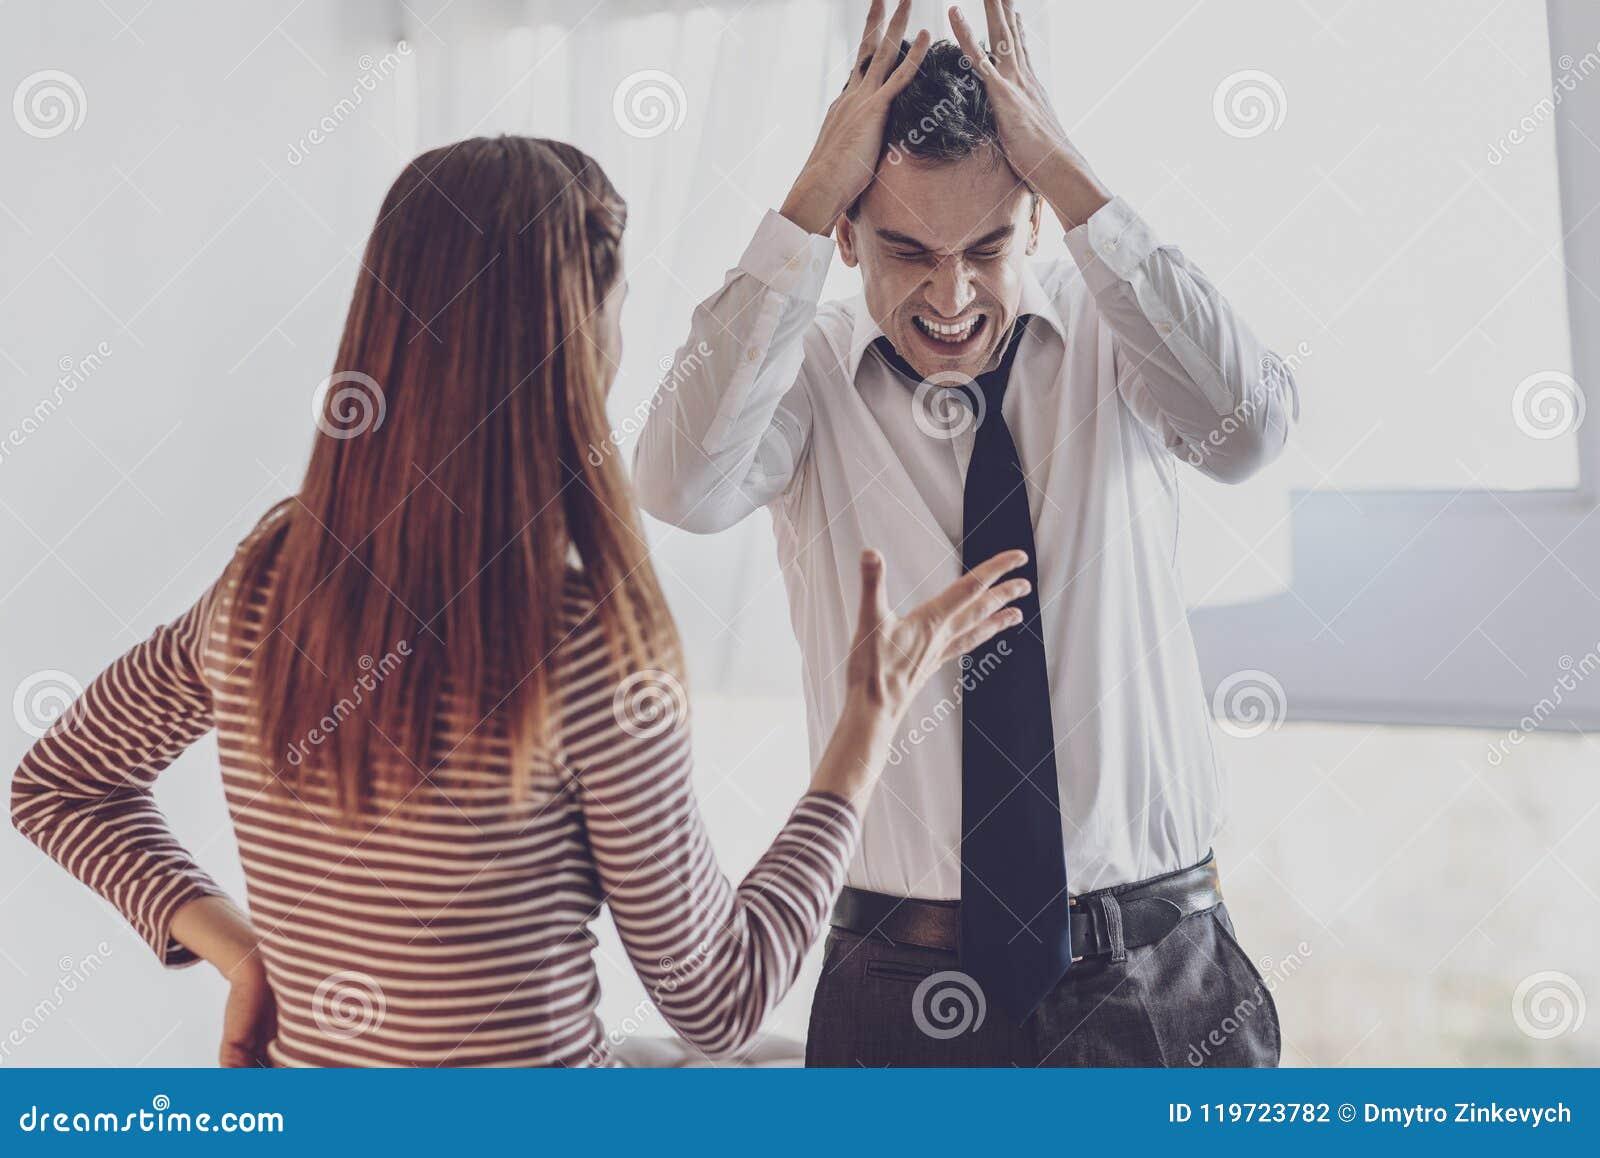 emotional breakdown in men